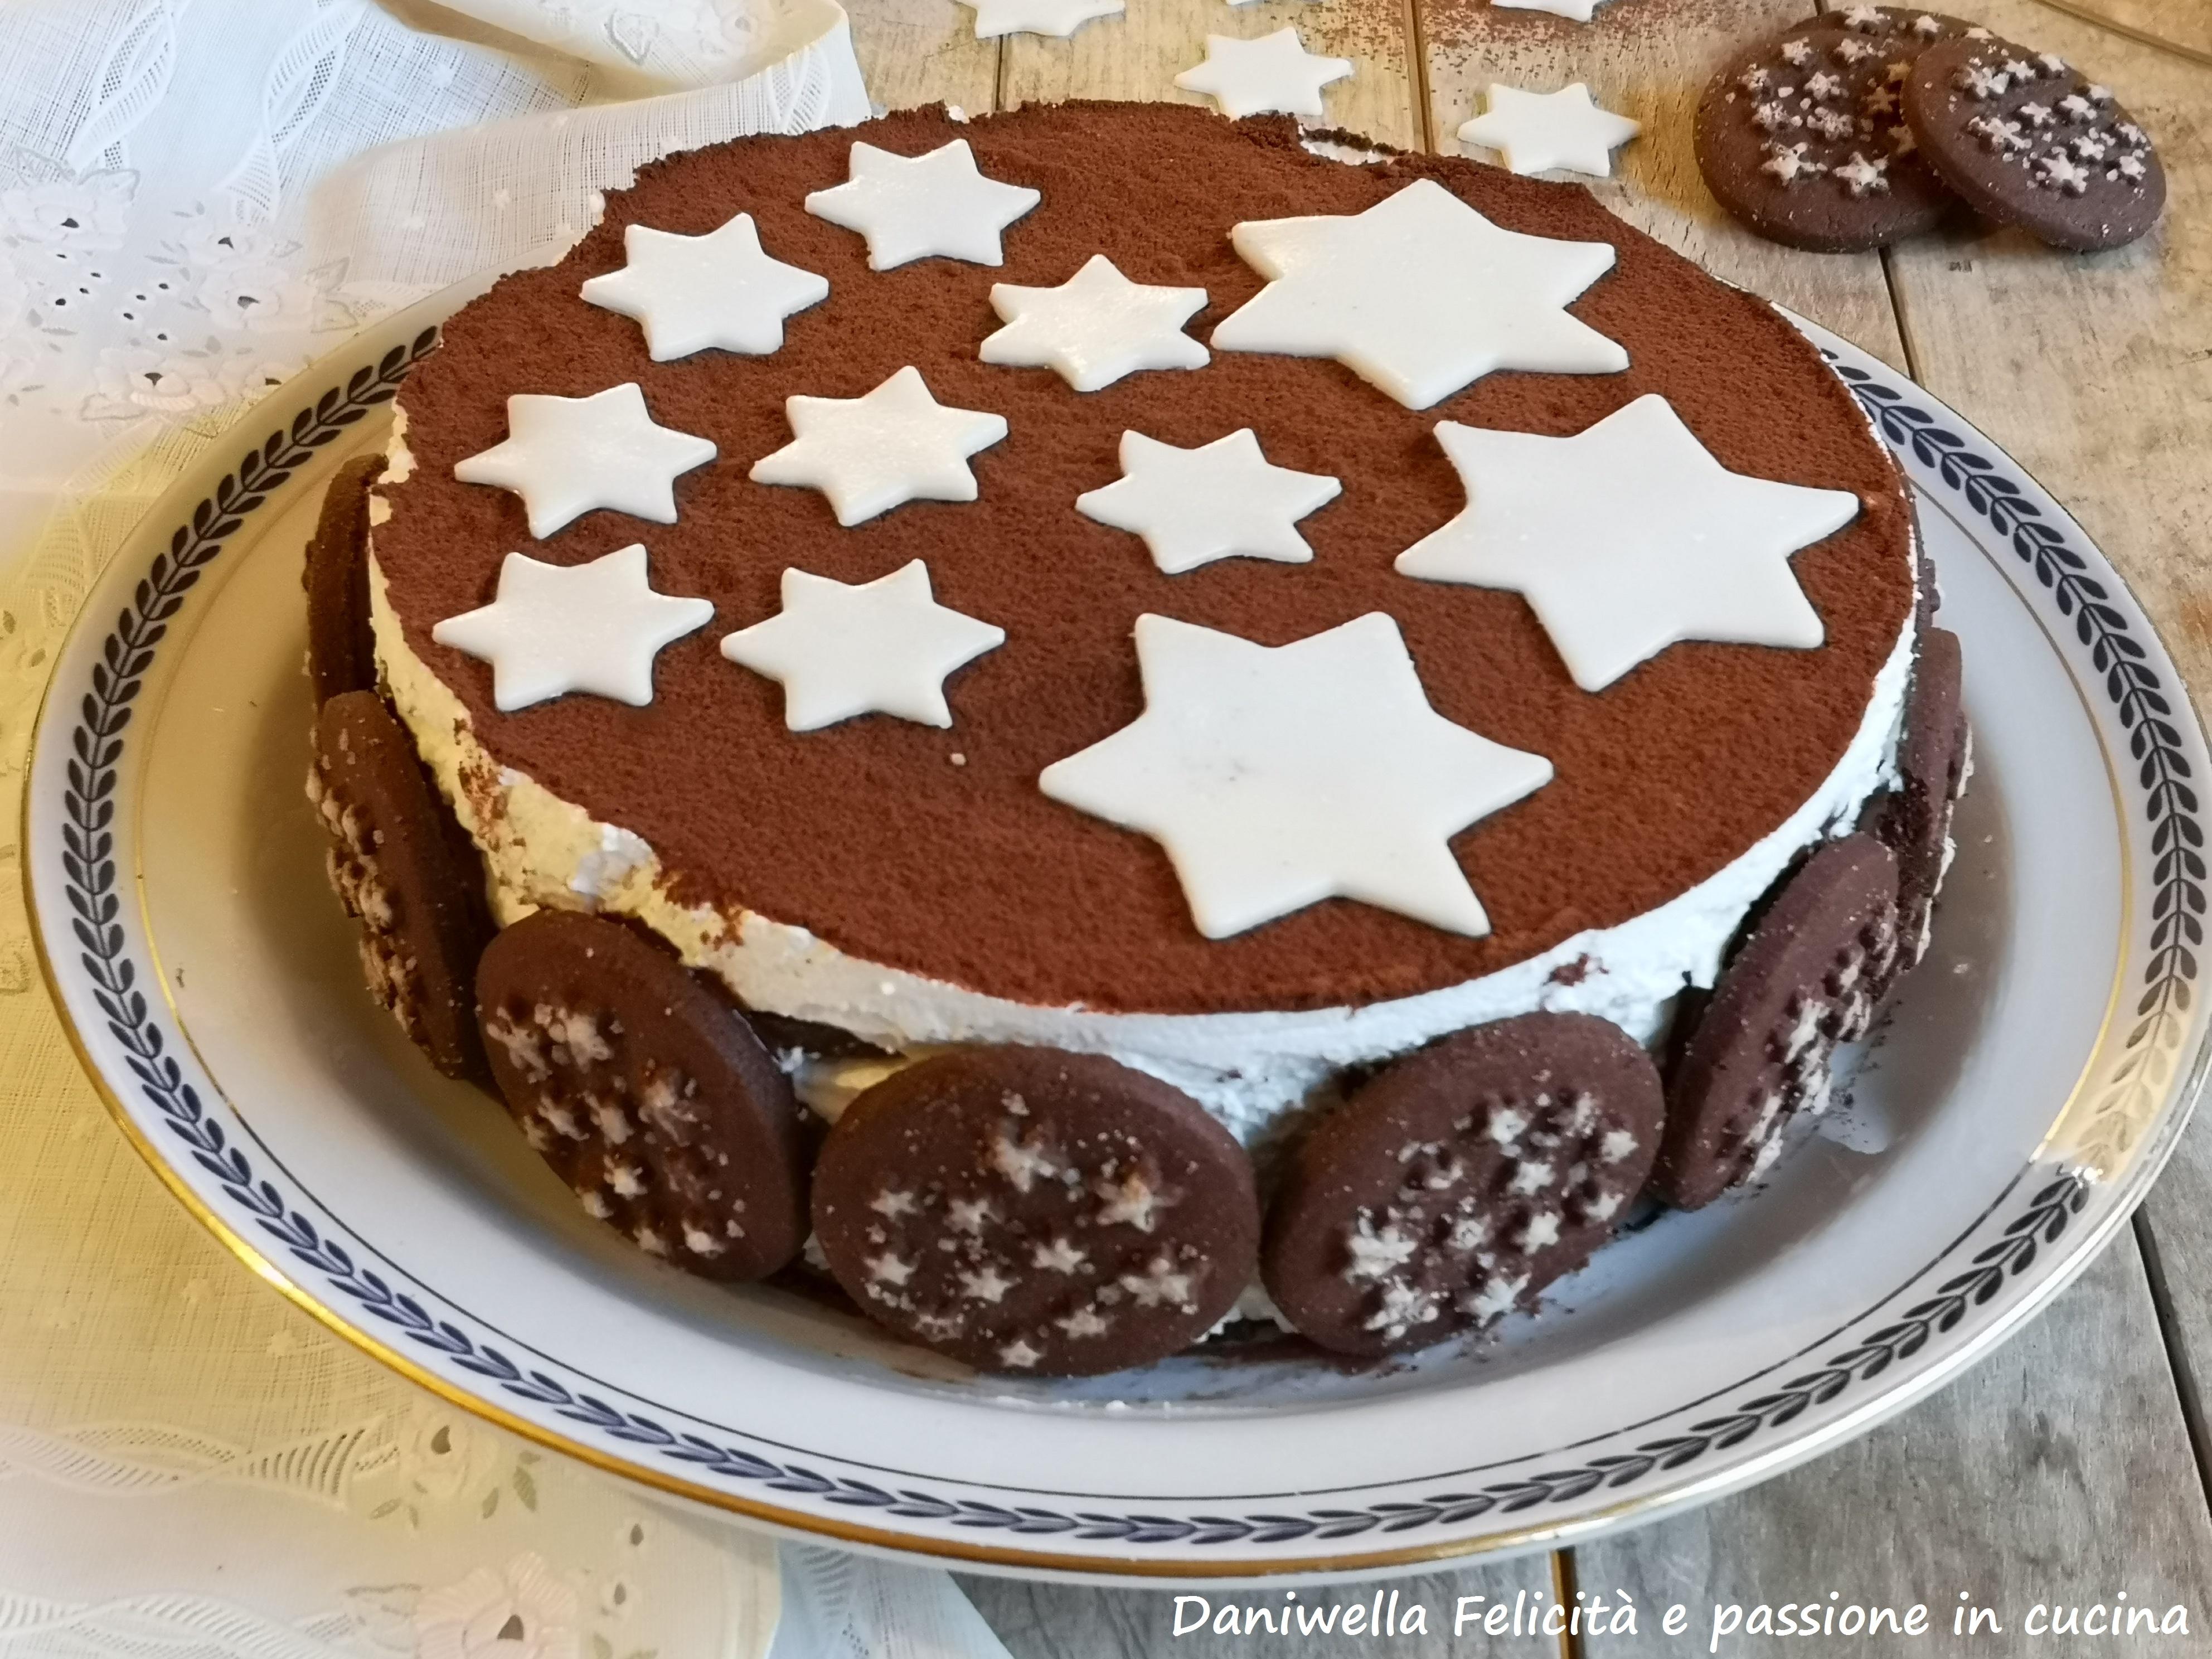 Spalmatela un pochino anche all'interno dei biscotti e attaccateli su tutto il bordo della torta. LA TORTA PAN DI STELLE E' PRONTA.